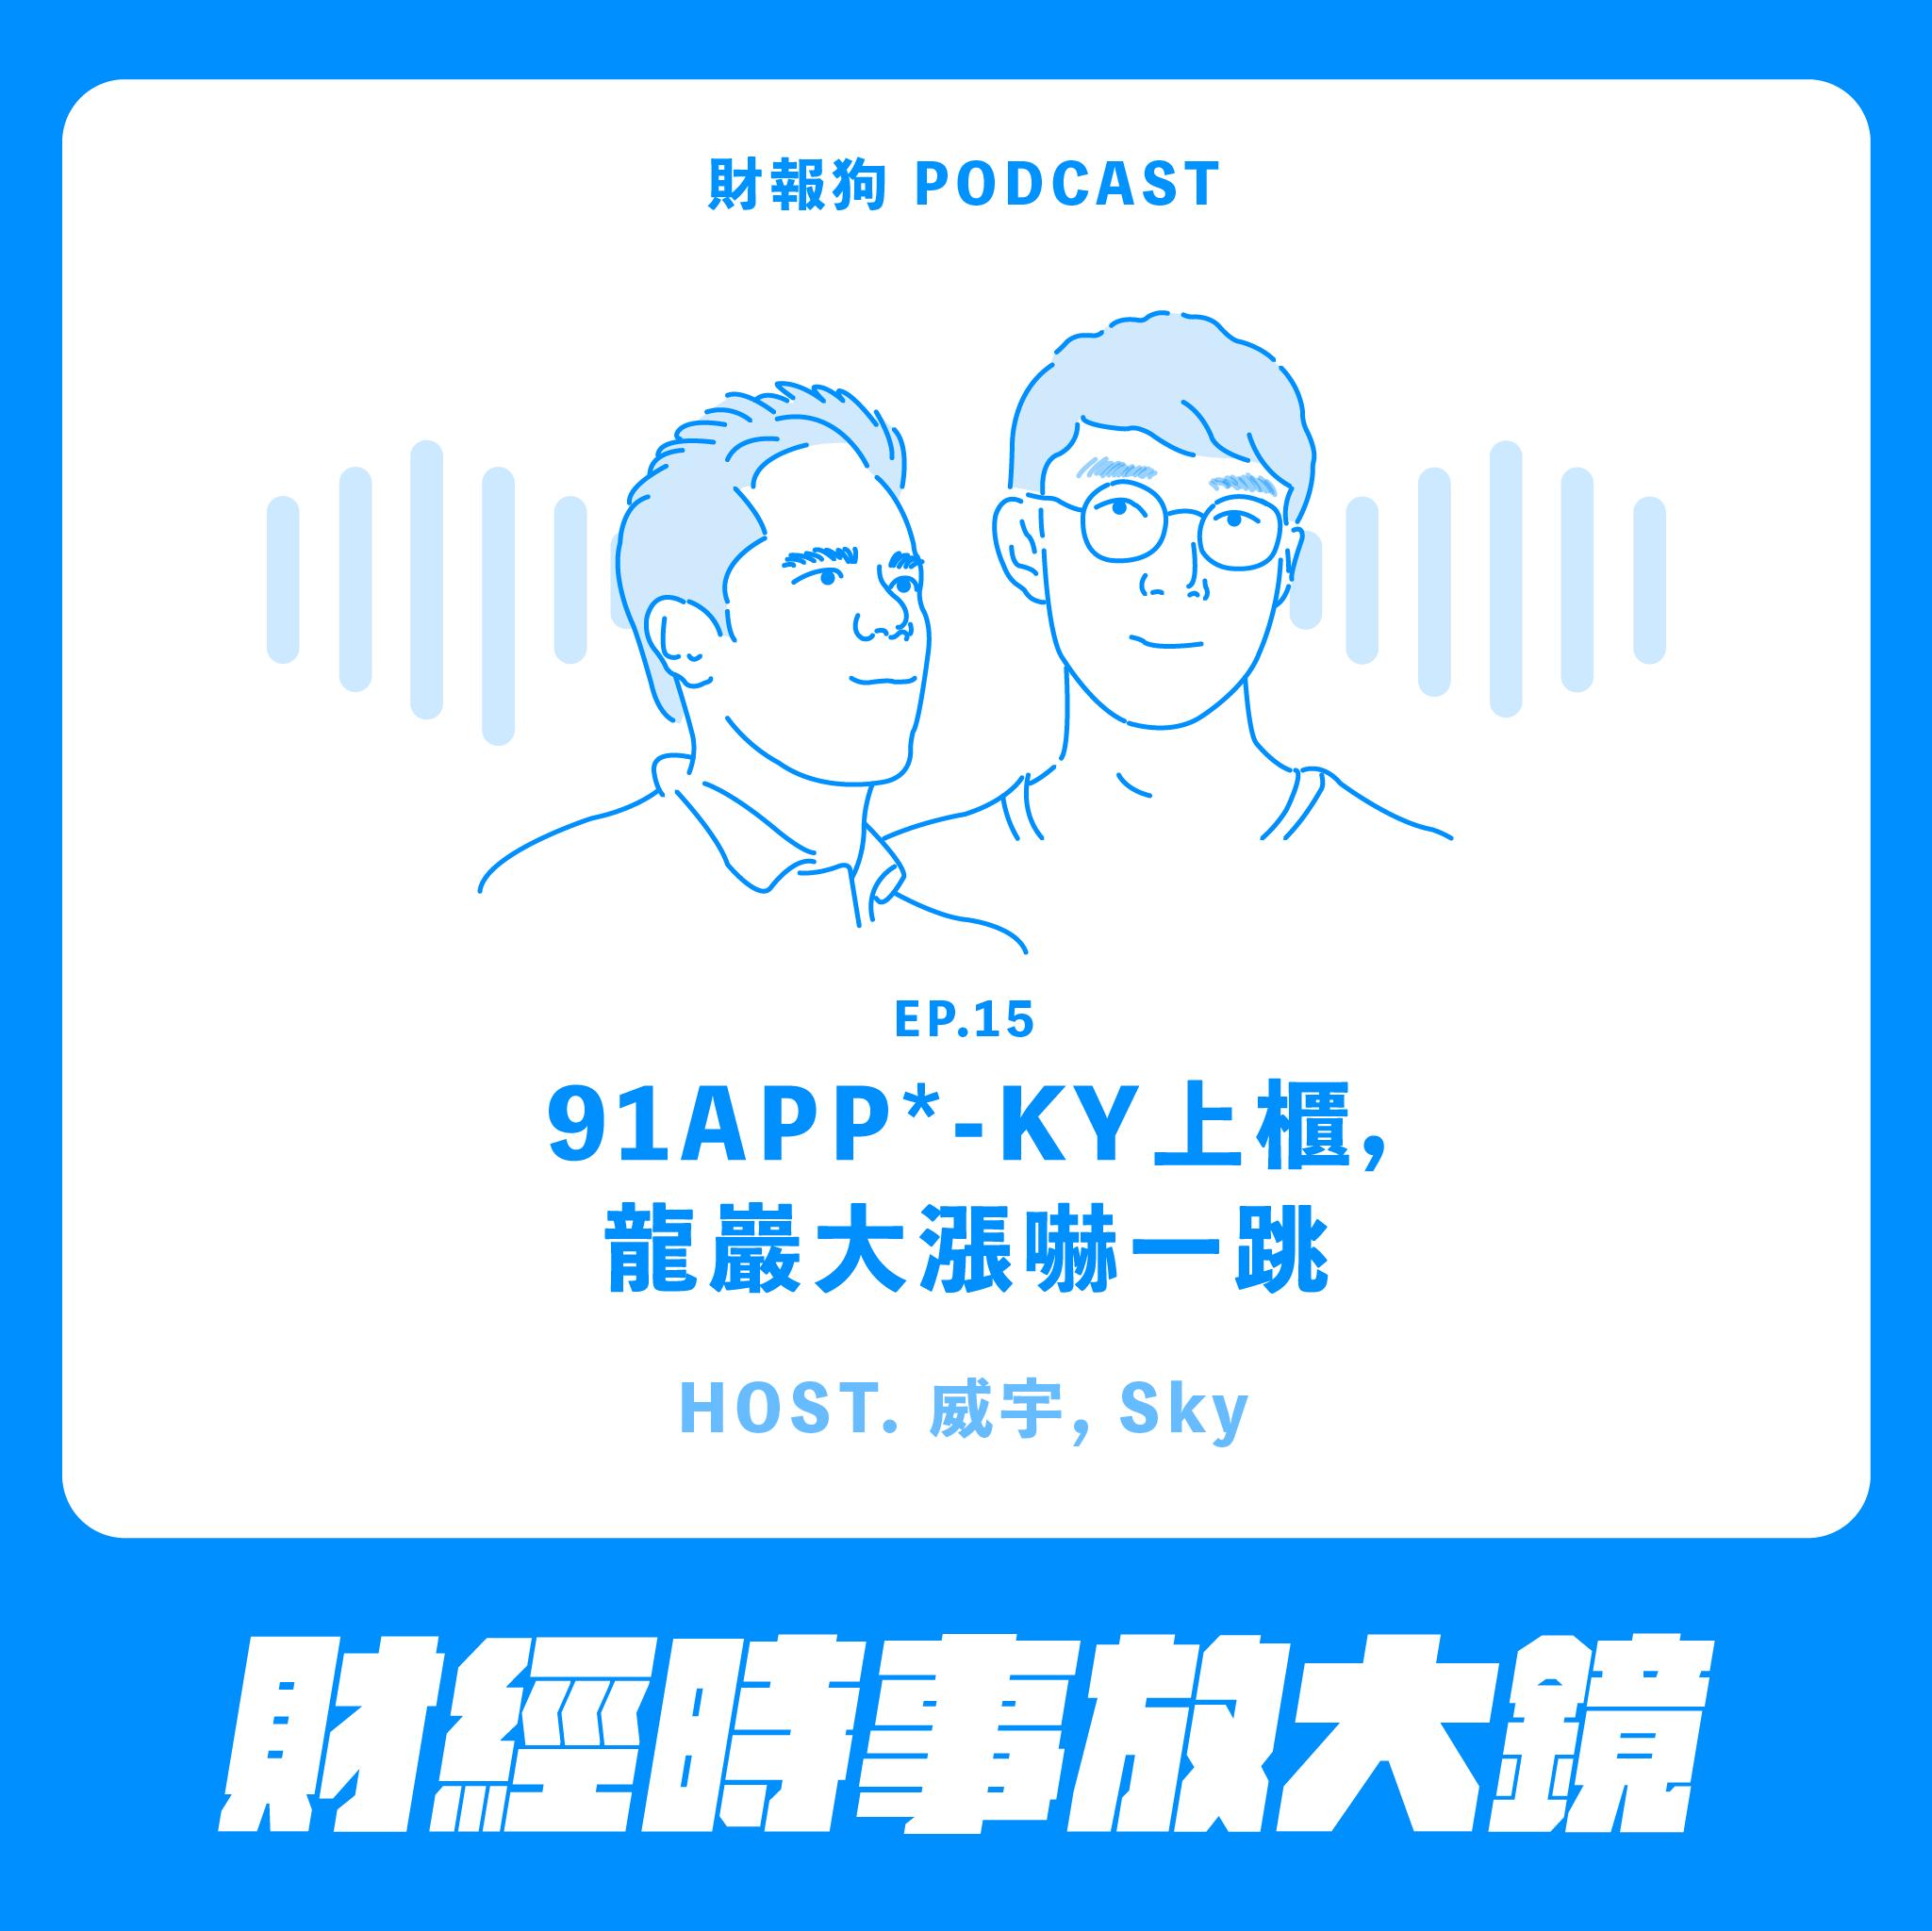 2020-05-29 財經時事放大鏡- ep.15